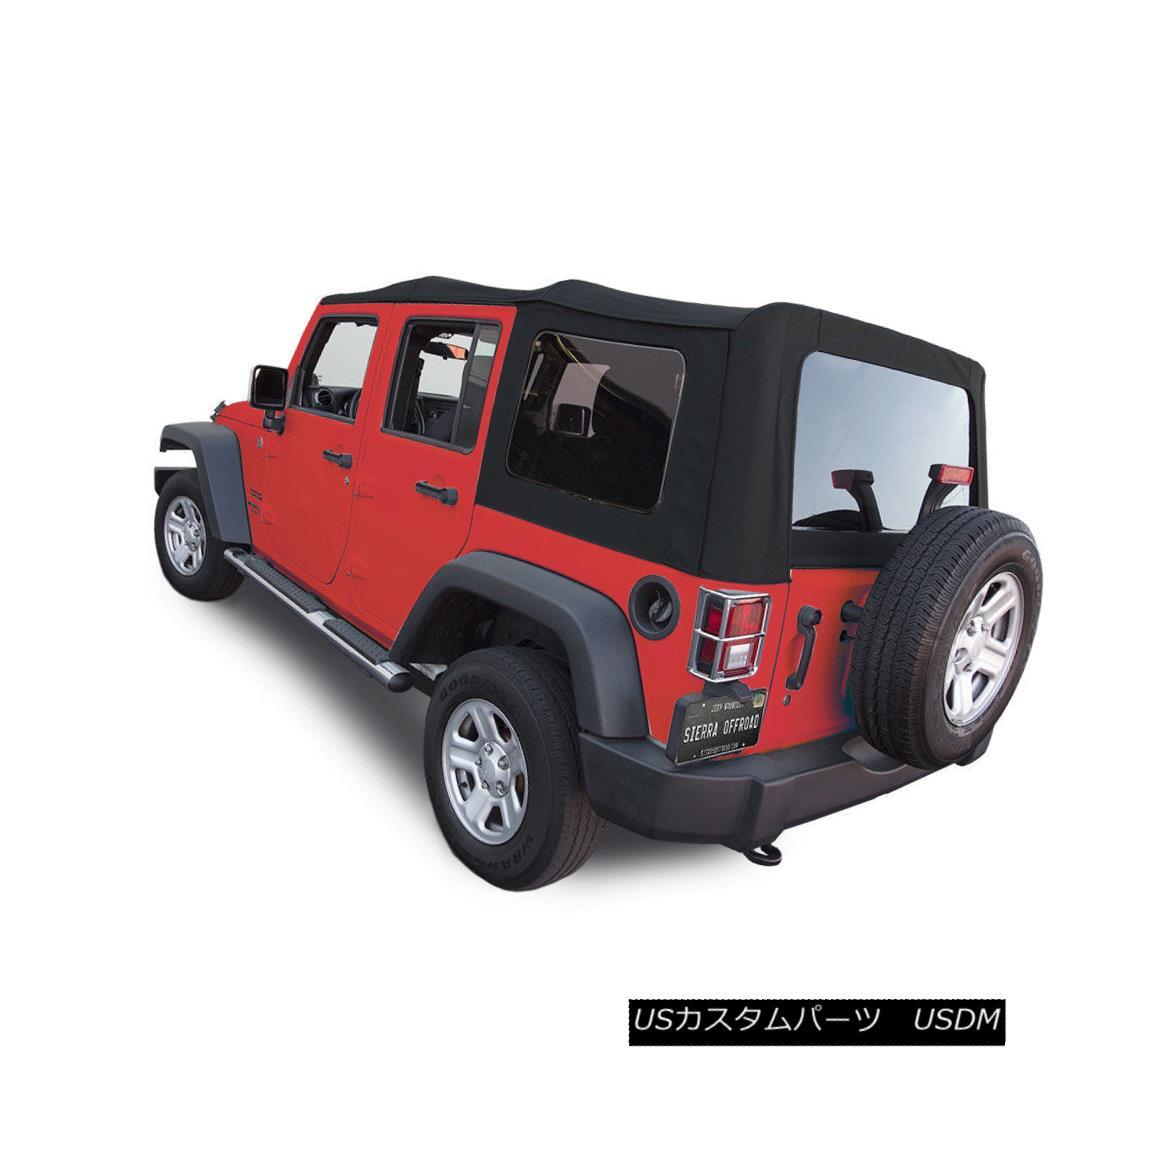 幌・ソフトトップ Jeep Wrangler 4 DR JK Soft Top, 2007-09, Tinted Windows, Black Twill ジープ・ラングラー4 DR JKソフトトップ、2007-09、ティンテッド・ウィンドウズ、ブラック・ツイル